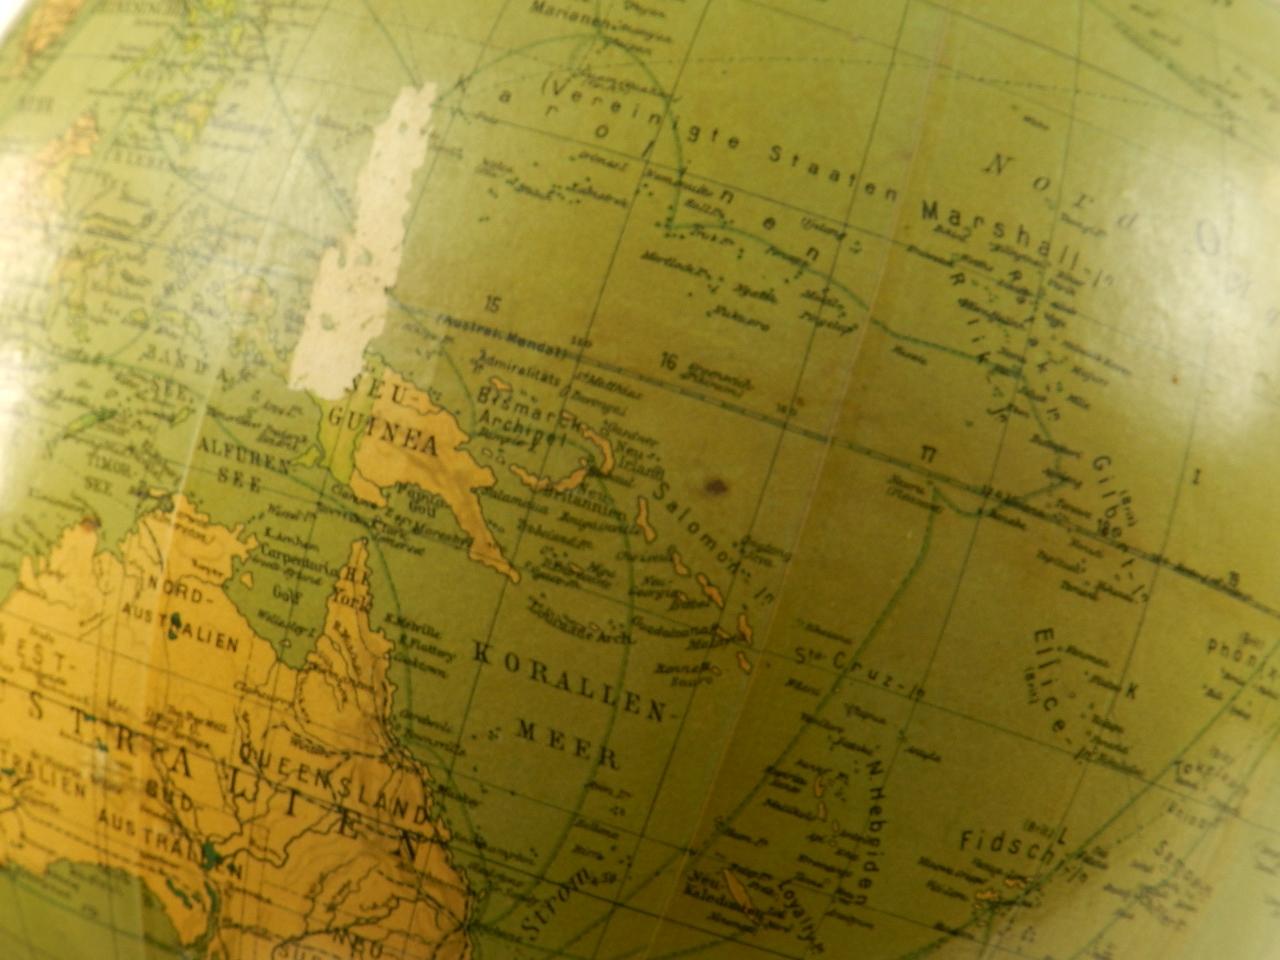 Imagen GLOBO TERRÁQUEO COLUMBUS AÑO 1940 27003